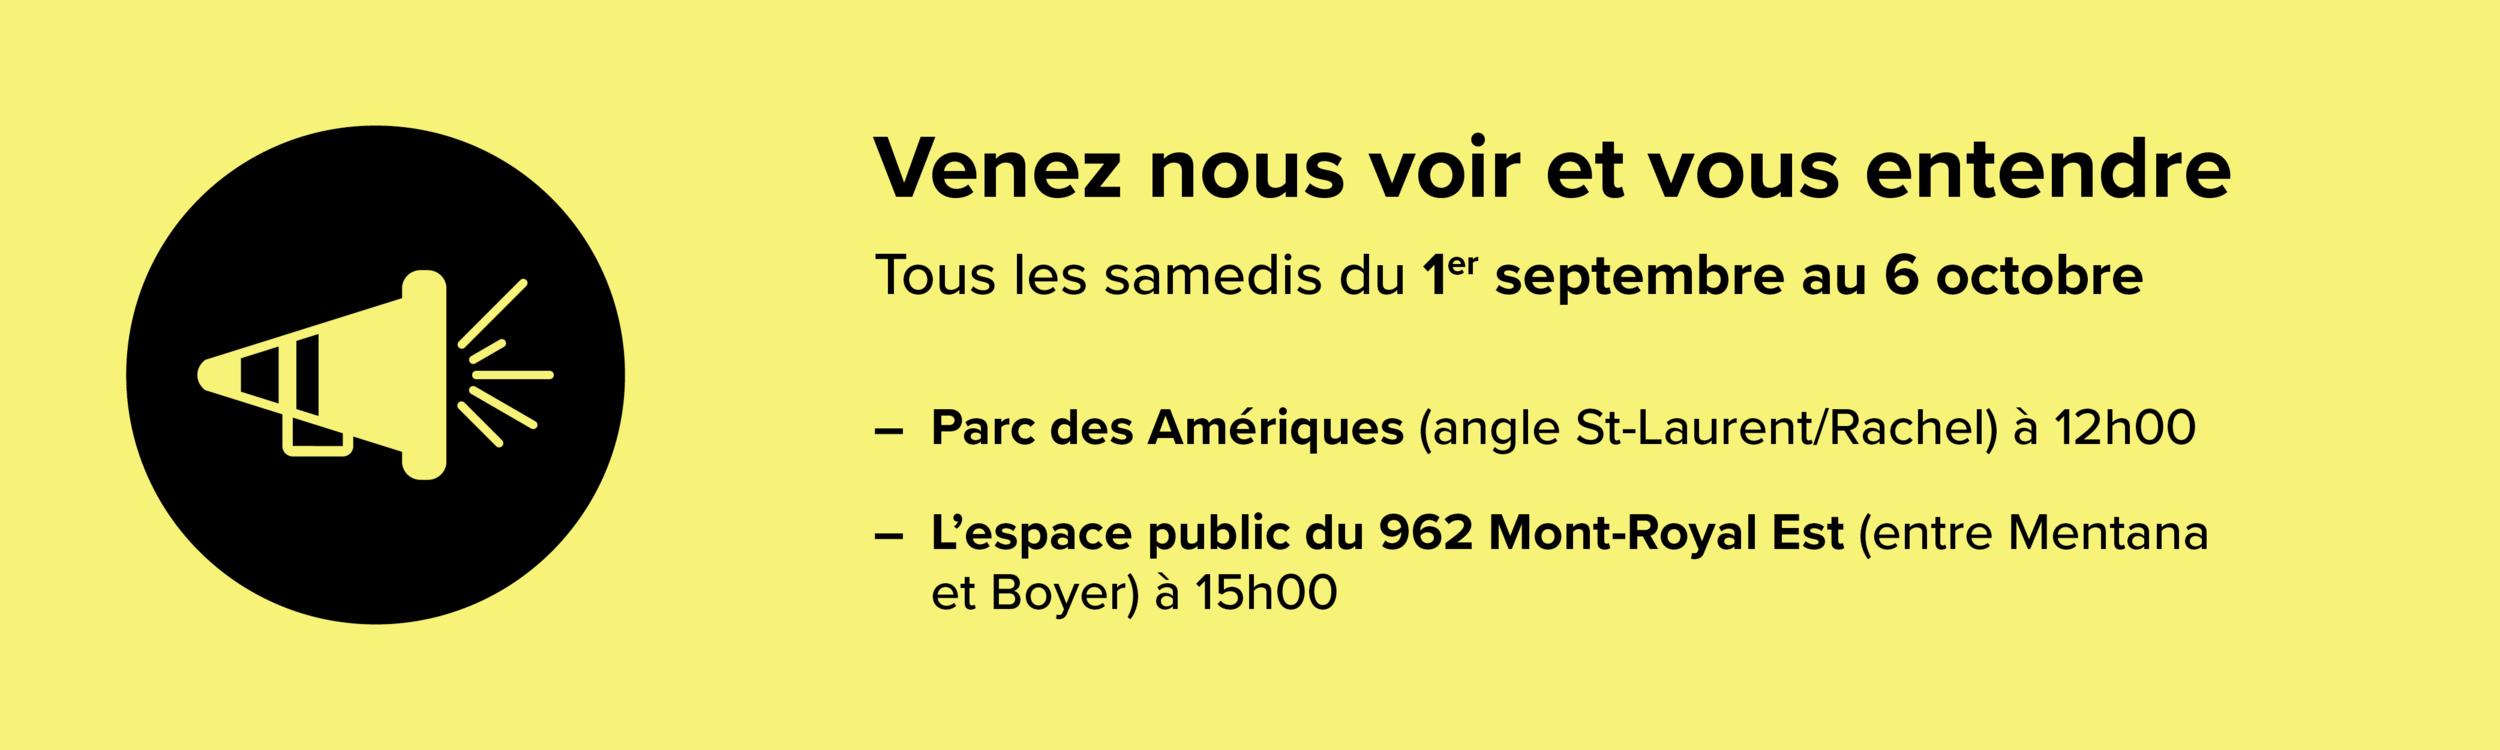 banniere_dates.png